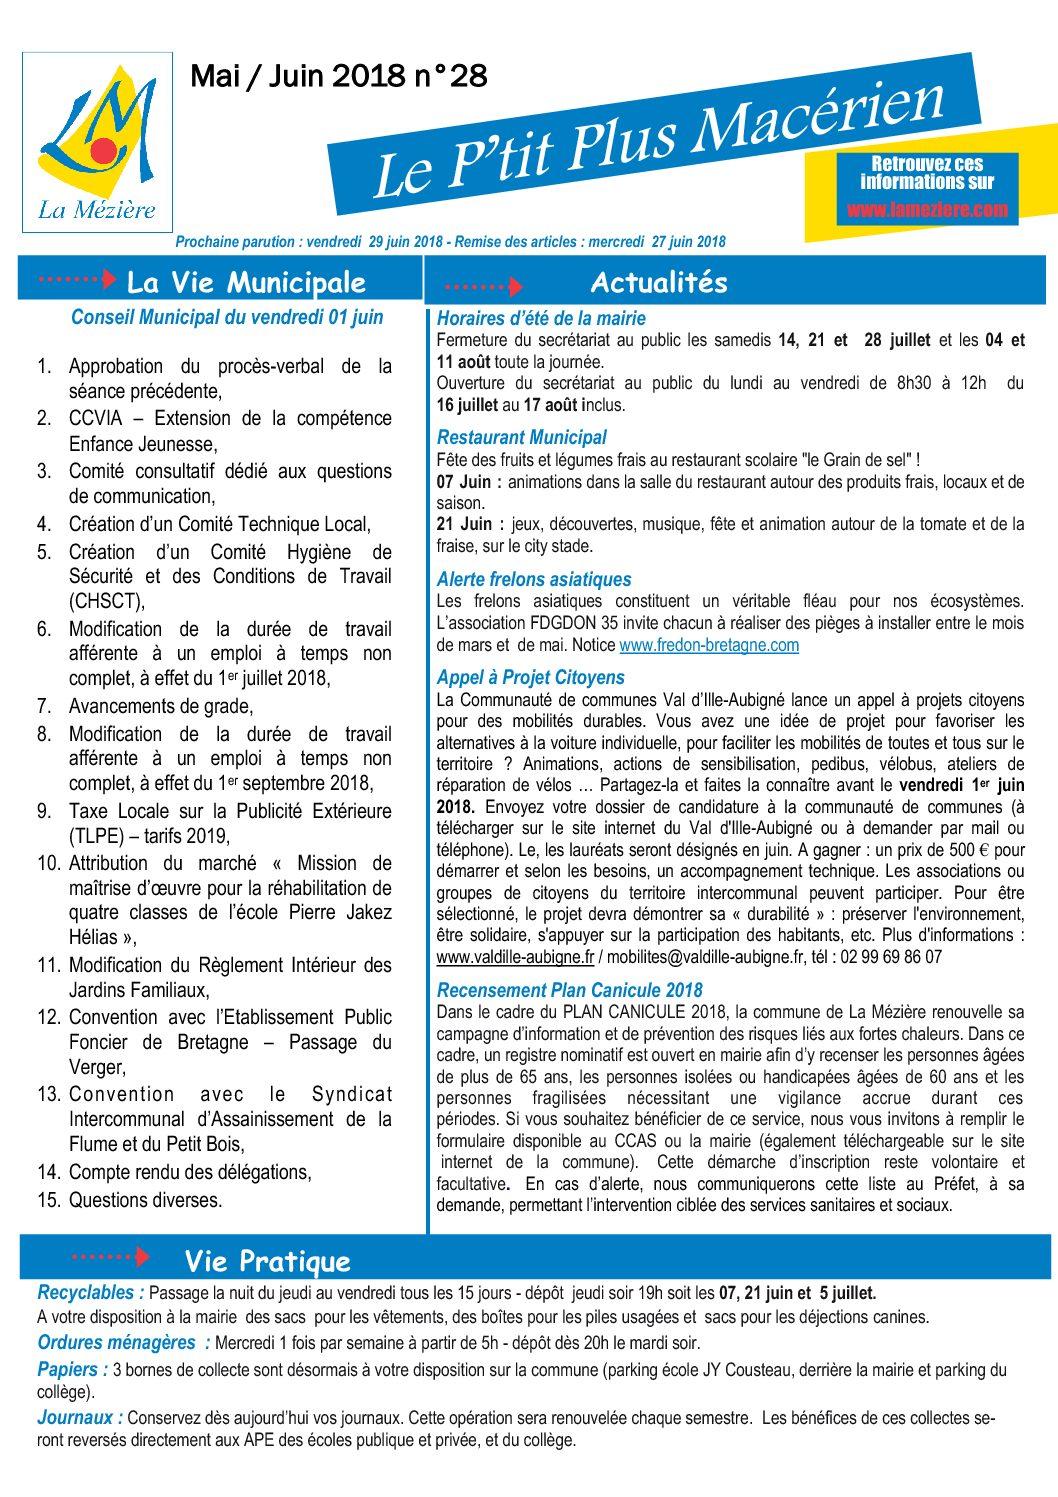 Le P'tit Plus N° 28 Mai/Juin